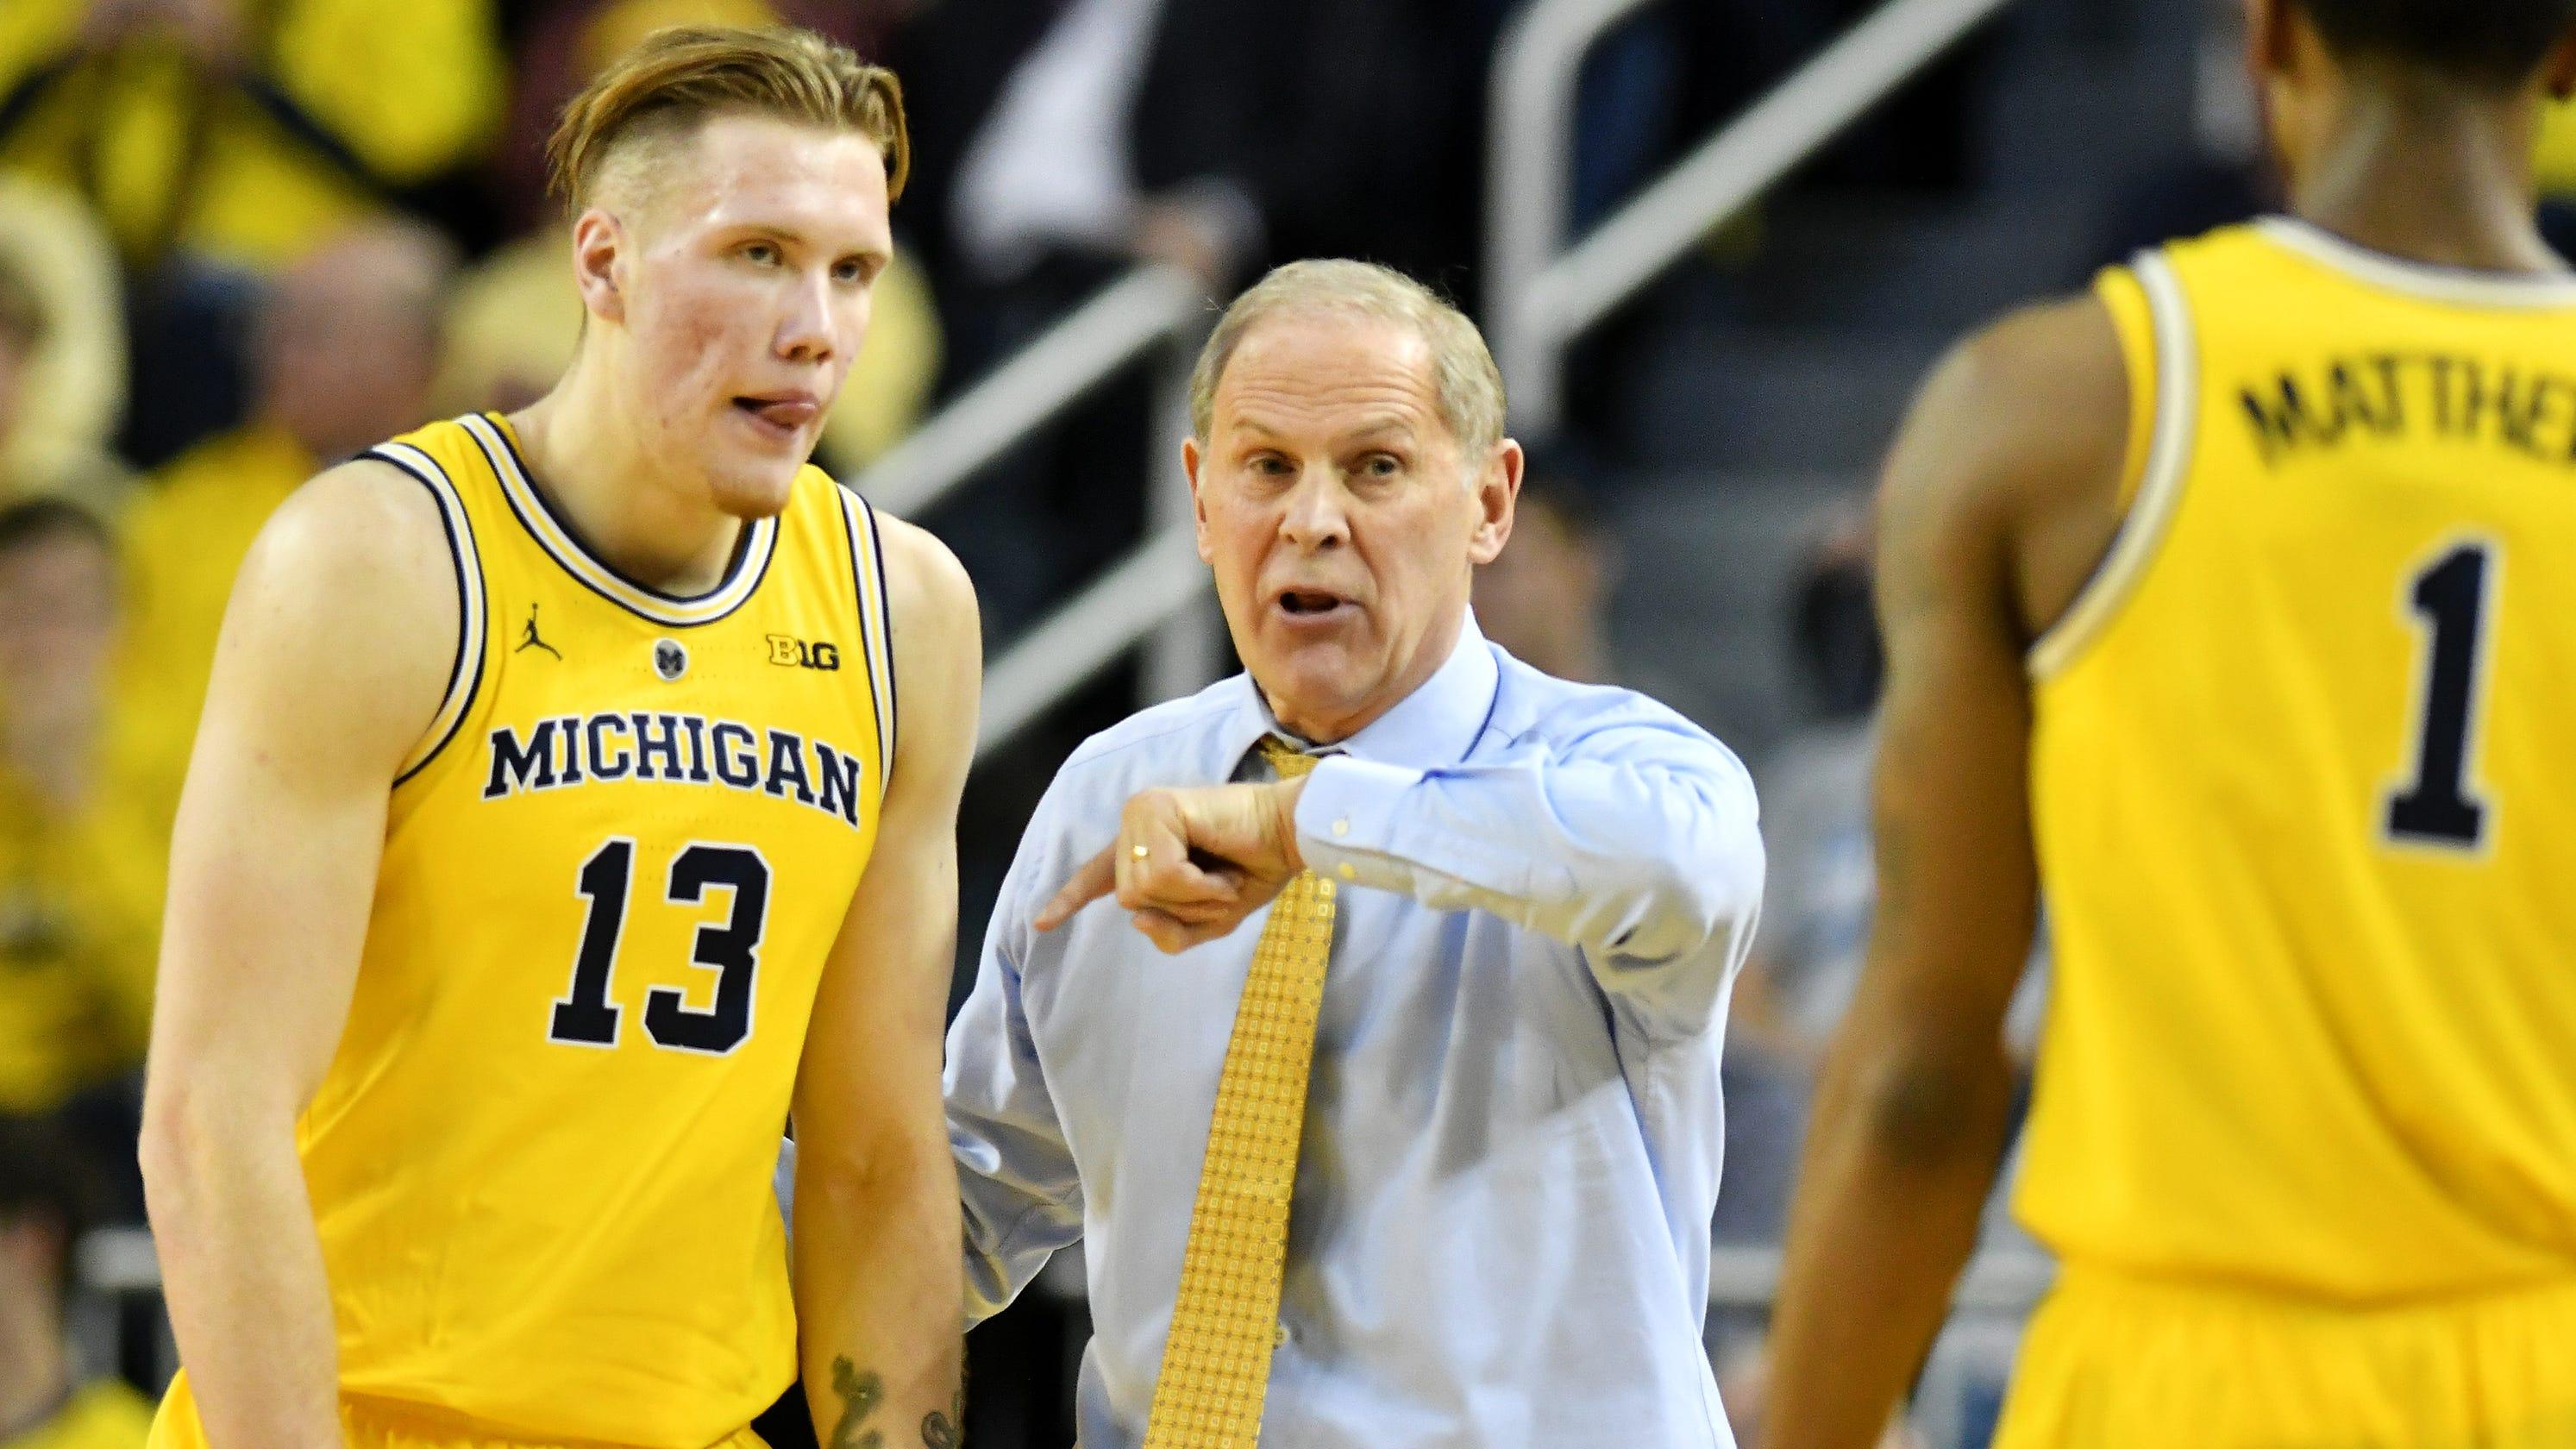 0d1c000e5f3 Niyo: As John Beilein heads to NBA, pressure shifts to Michigan's Warde  Manuel